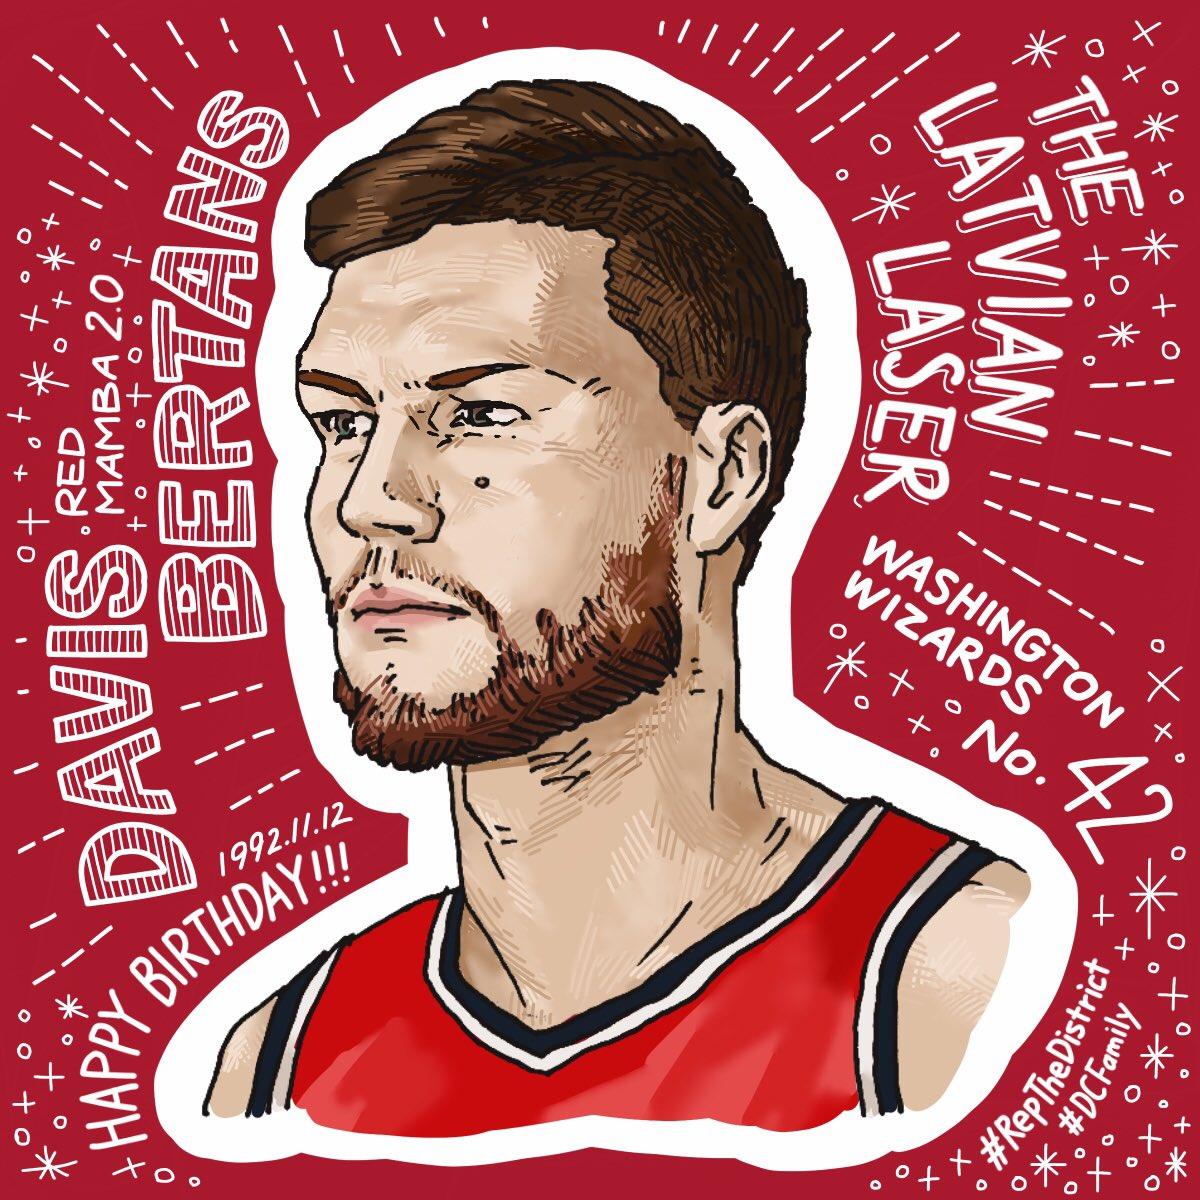 ダービス・ベルターンス Davis Bertans Washington Wizards | No.42 🇱🇻The Latvian Laser🇱🇻 Happy Birthday!!!🎉 #NBA #RepTheDistrict  #MQdrawing @DBertans_42  @washwizardsjp